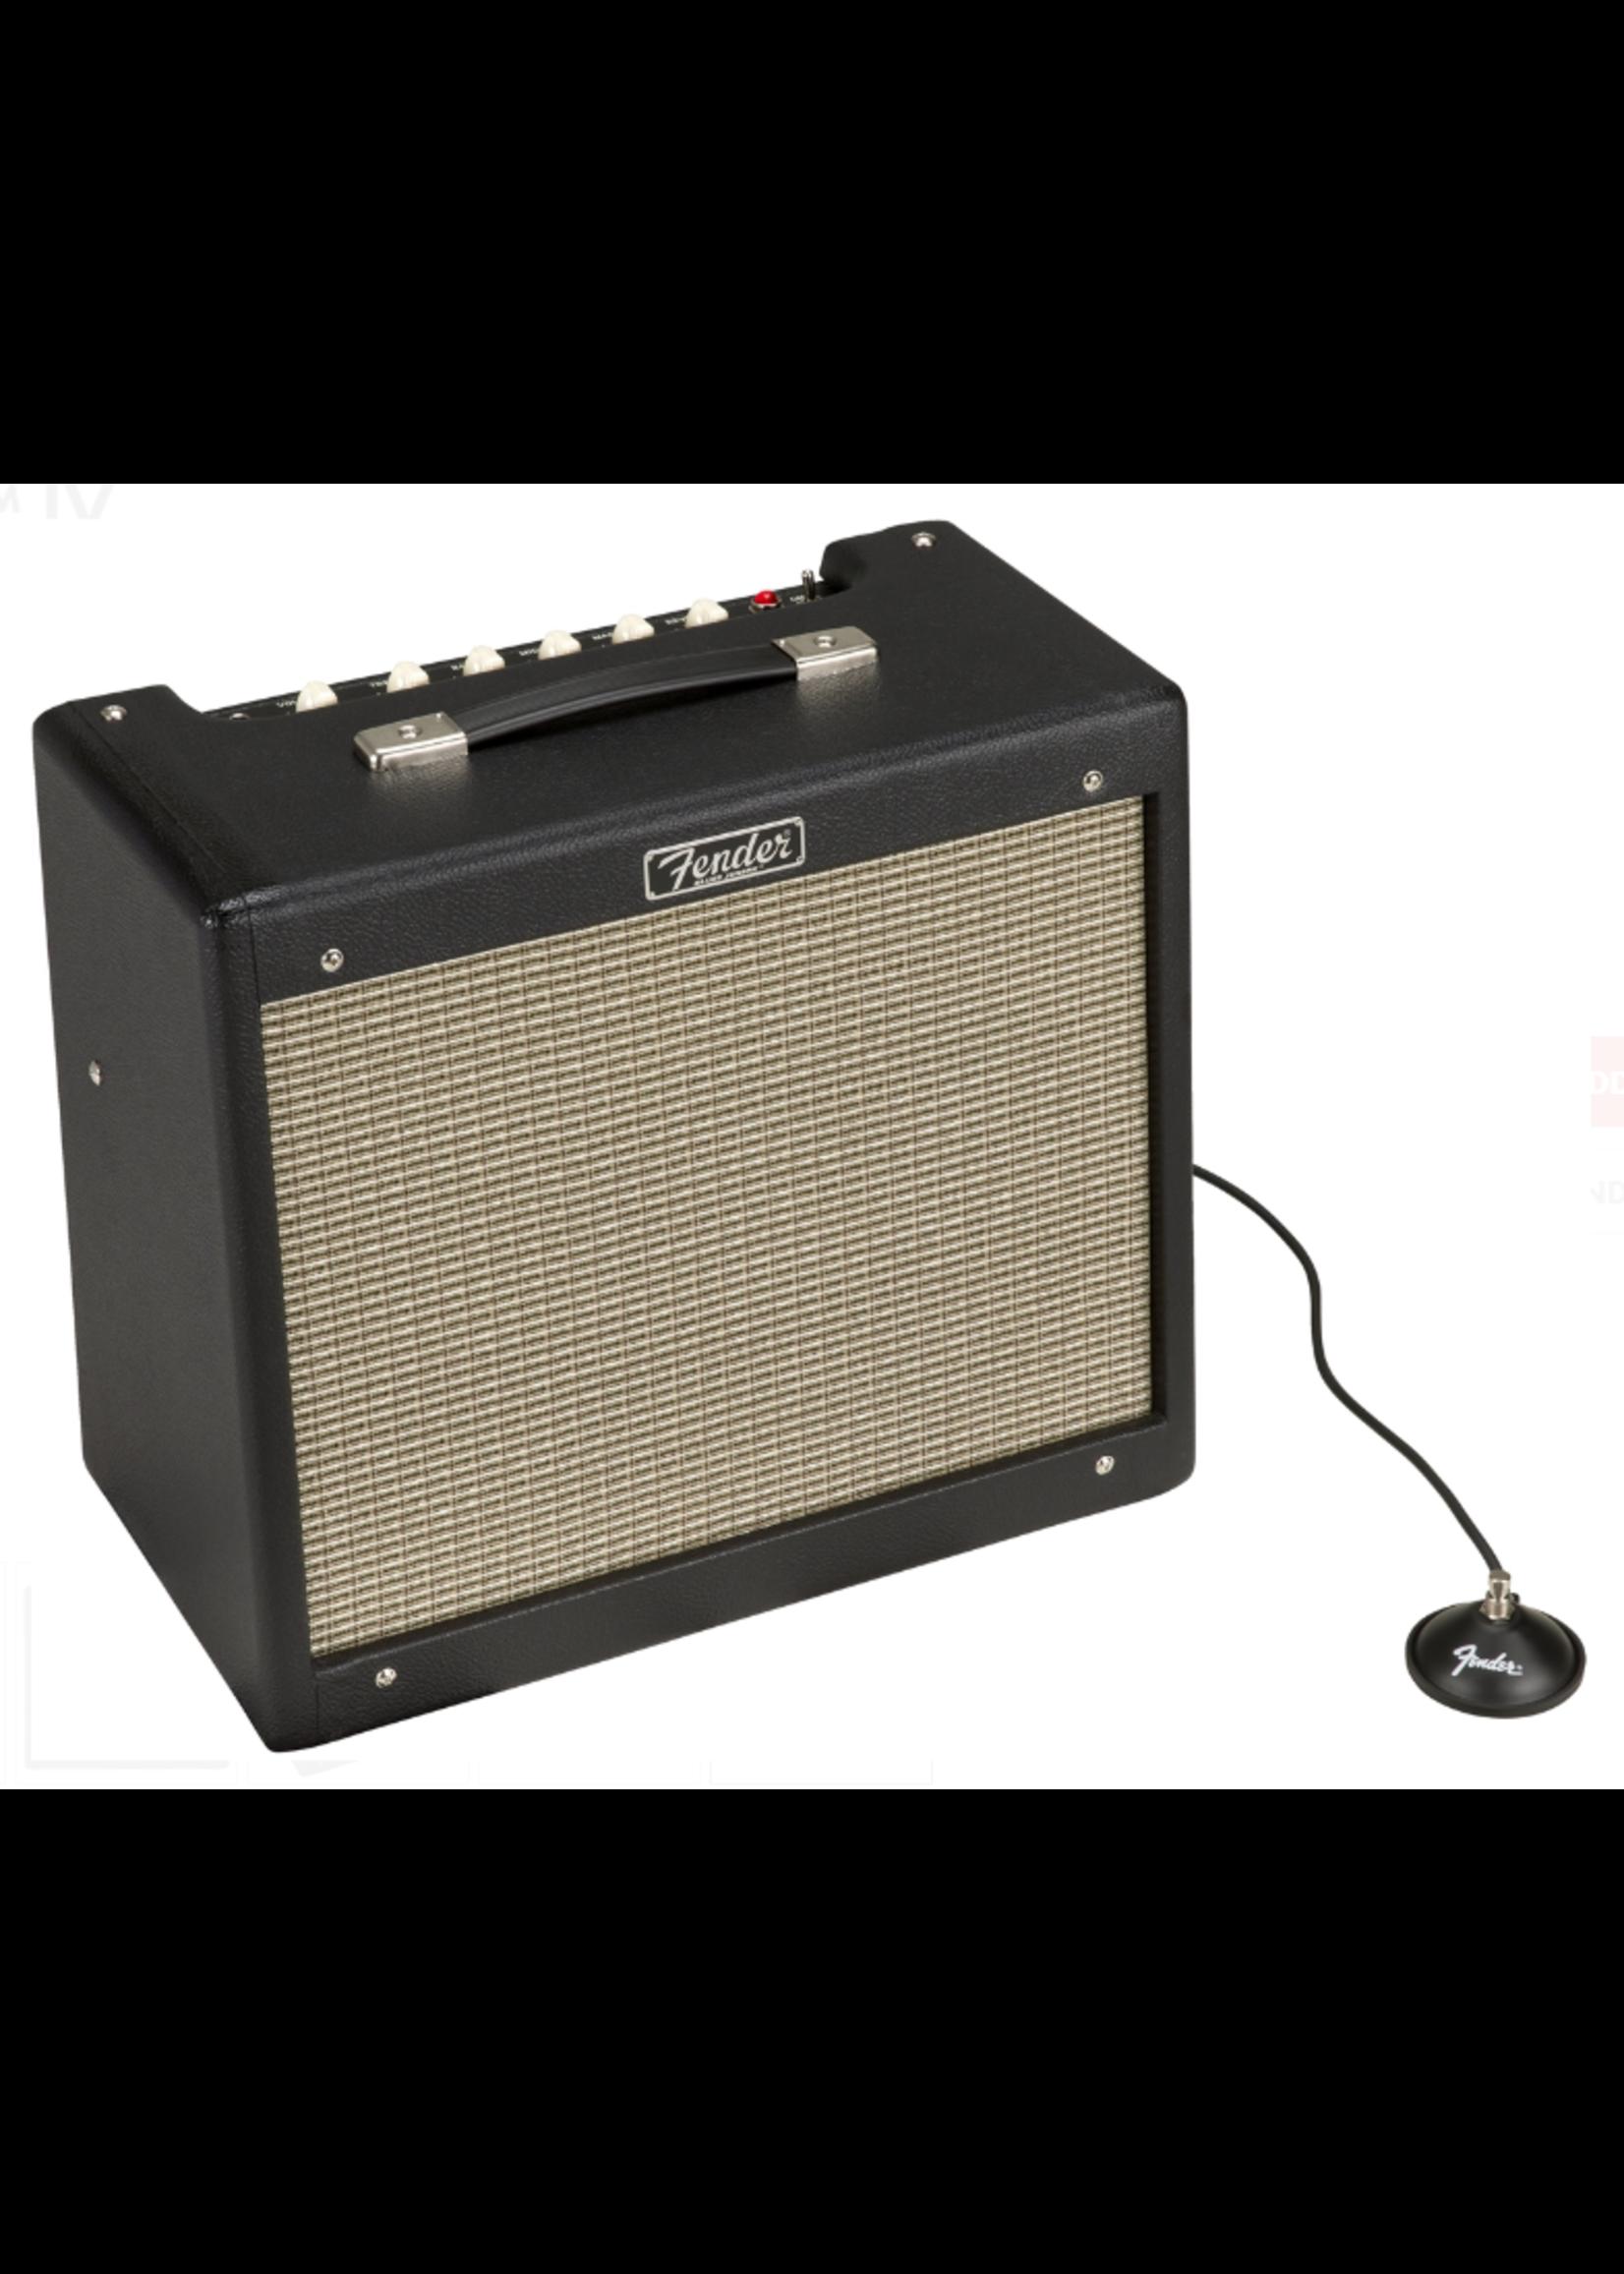 Fender Fender Blues Junior IV 120V 15-Watt Guitar Amp Black/Silver